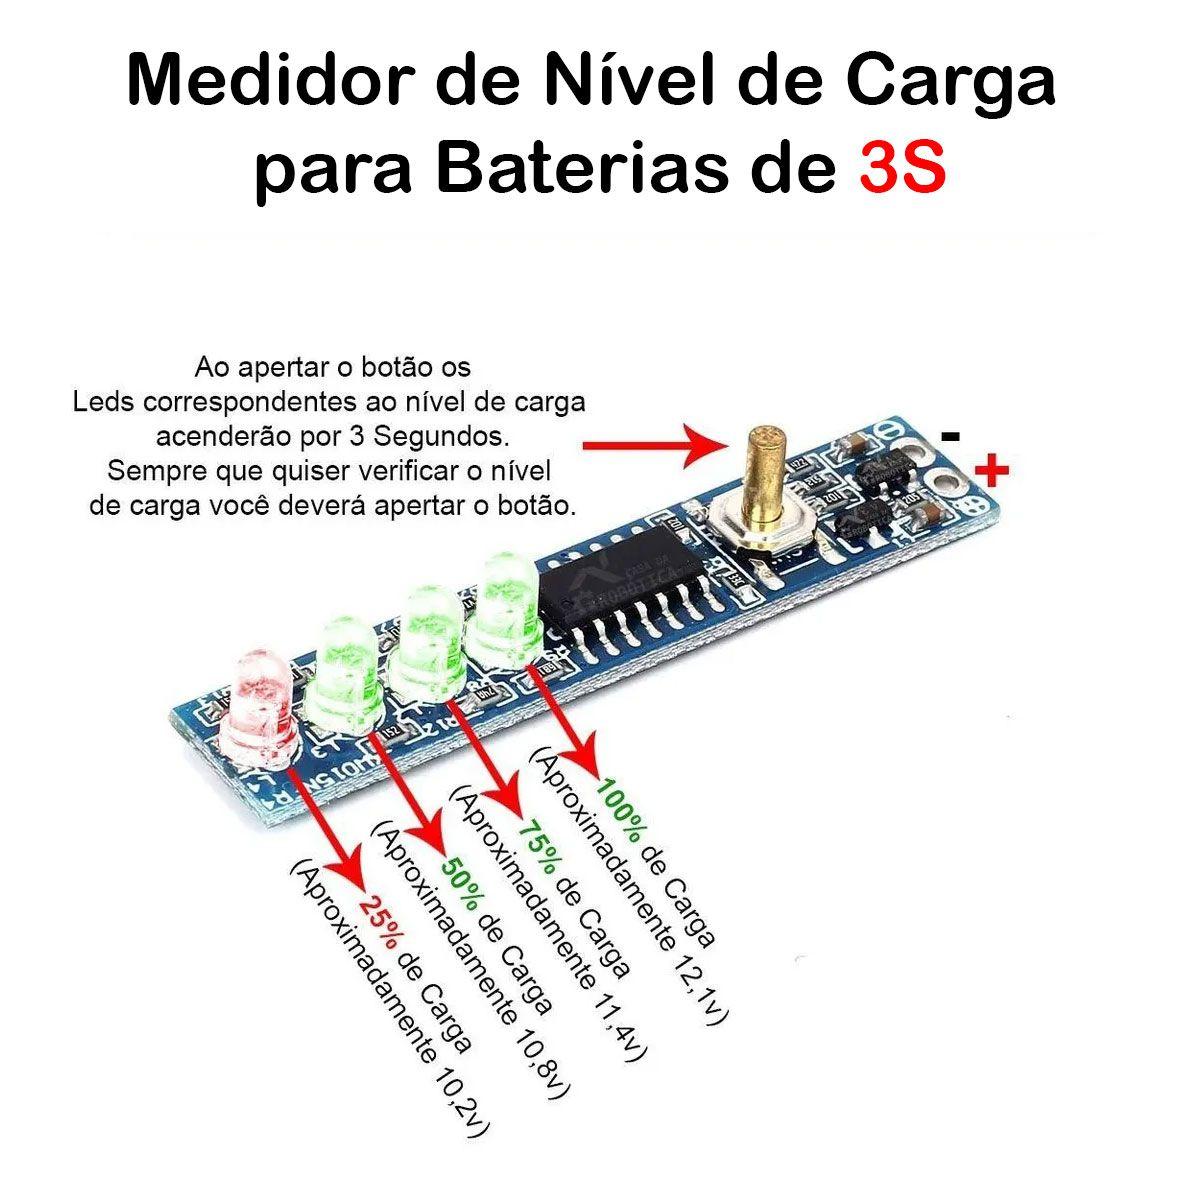 Voltímetro Indicador de Nível de Carga para Baterias 3S 12,6V